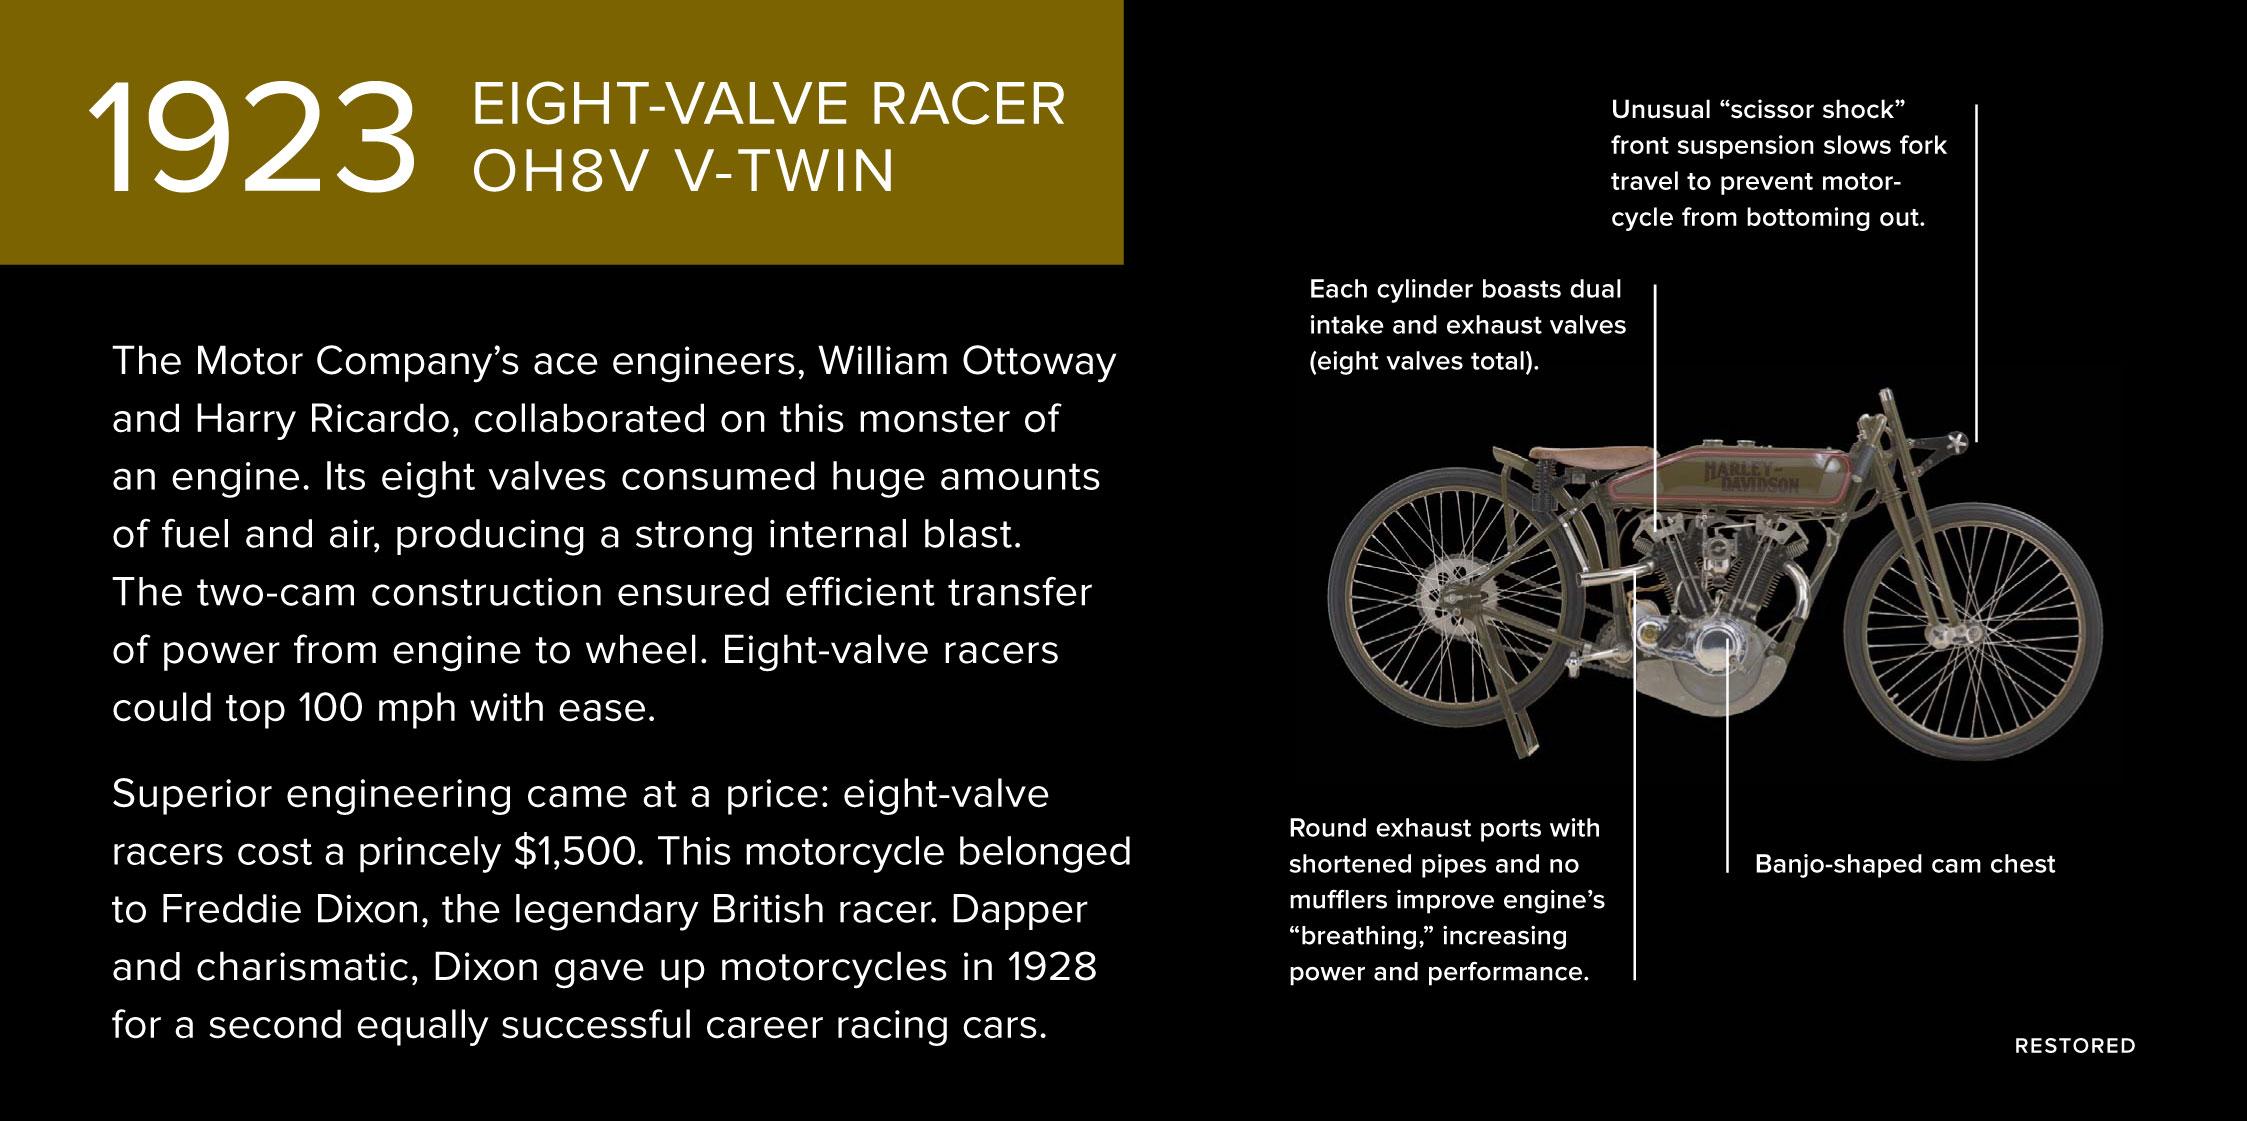 6_Harley-Davidson_the-8-valve.jpg